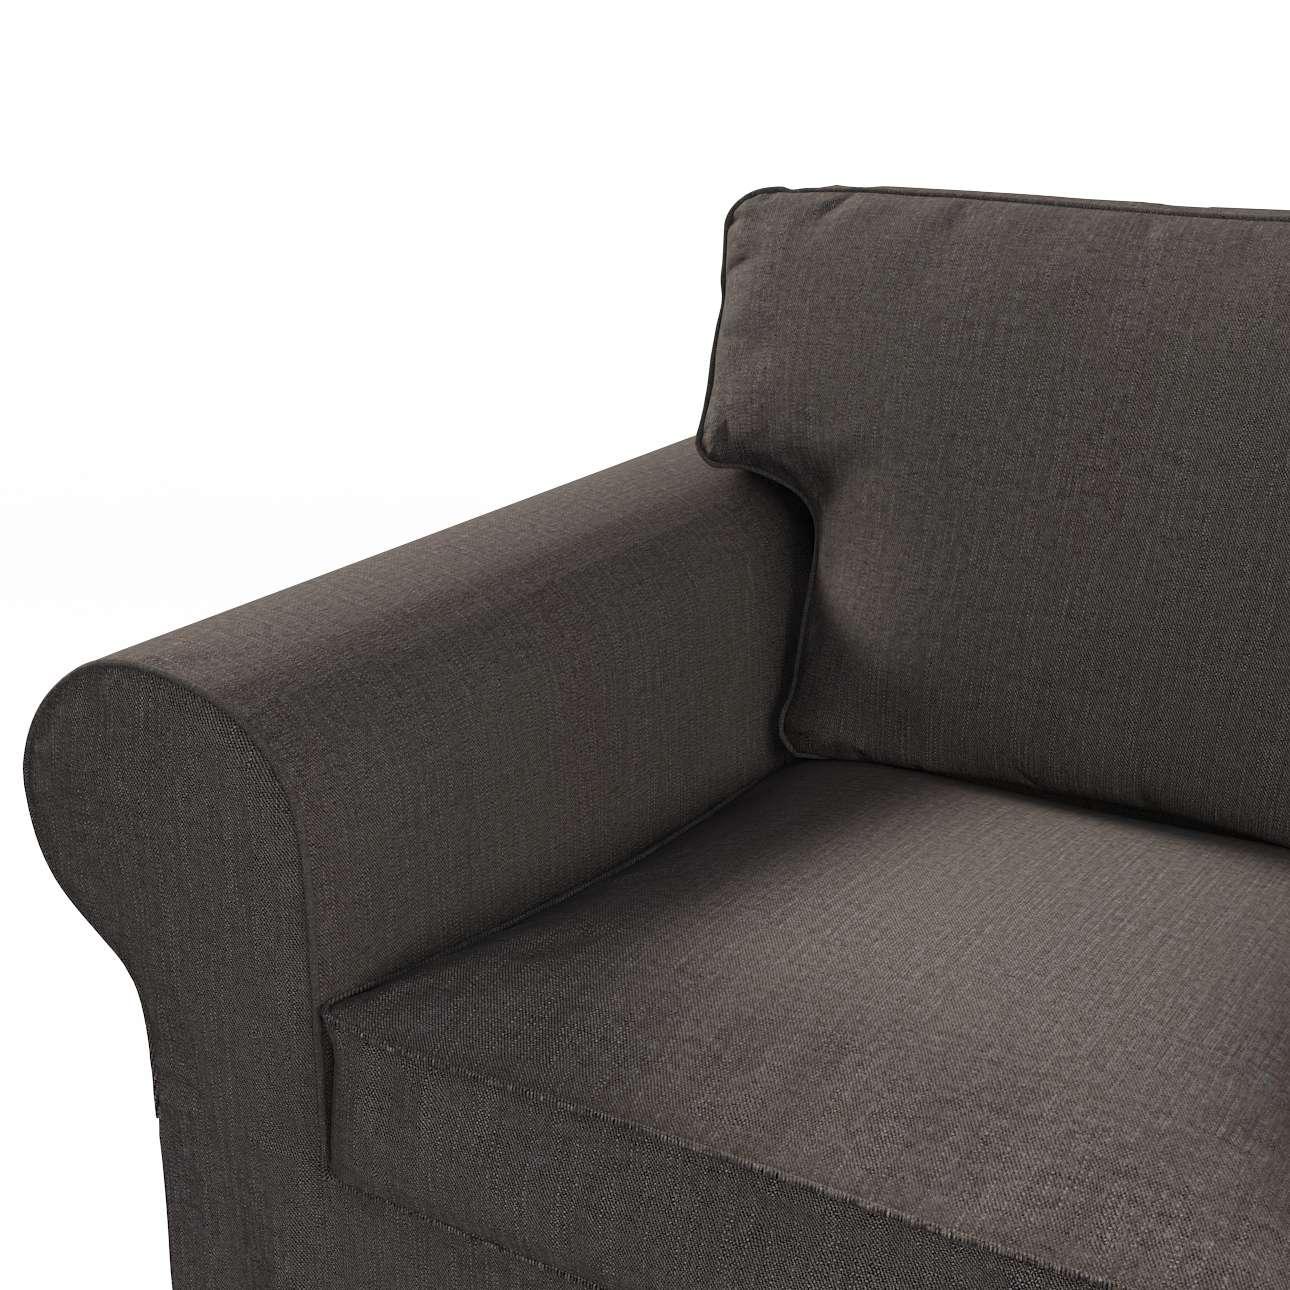 Pokrowiec na sofę Ektorp 3-osobową, rozkładaną, PIXBO w kolekcji Etna, tkanina: 702-36